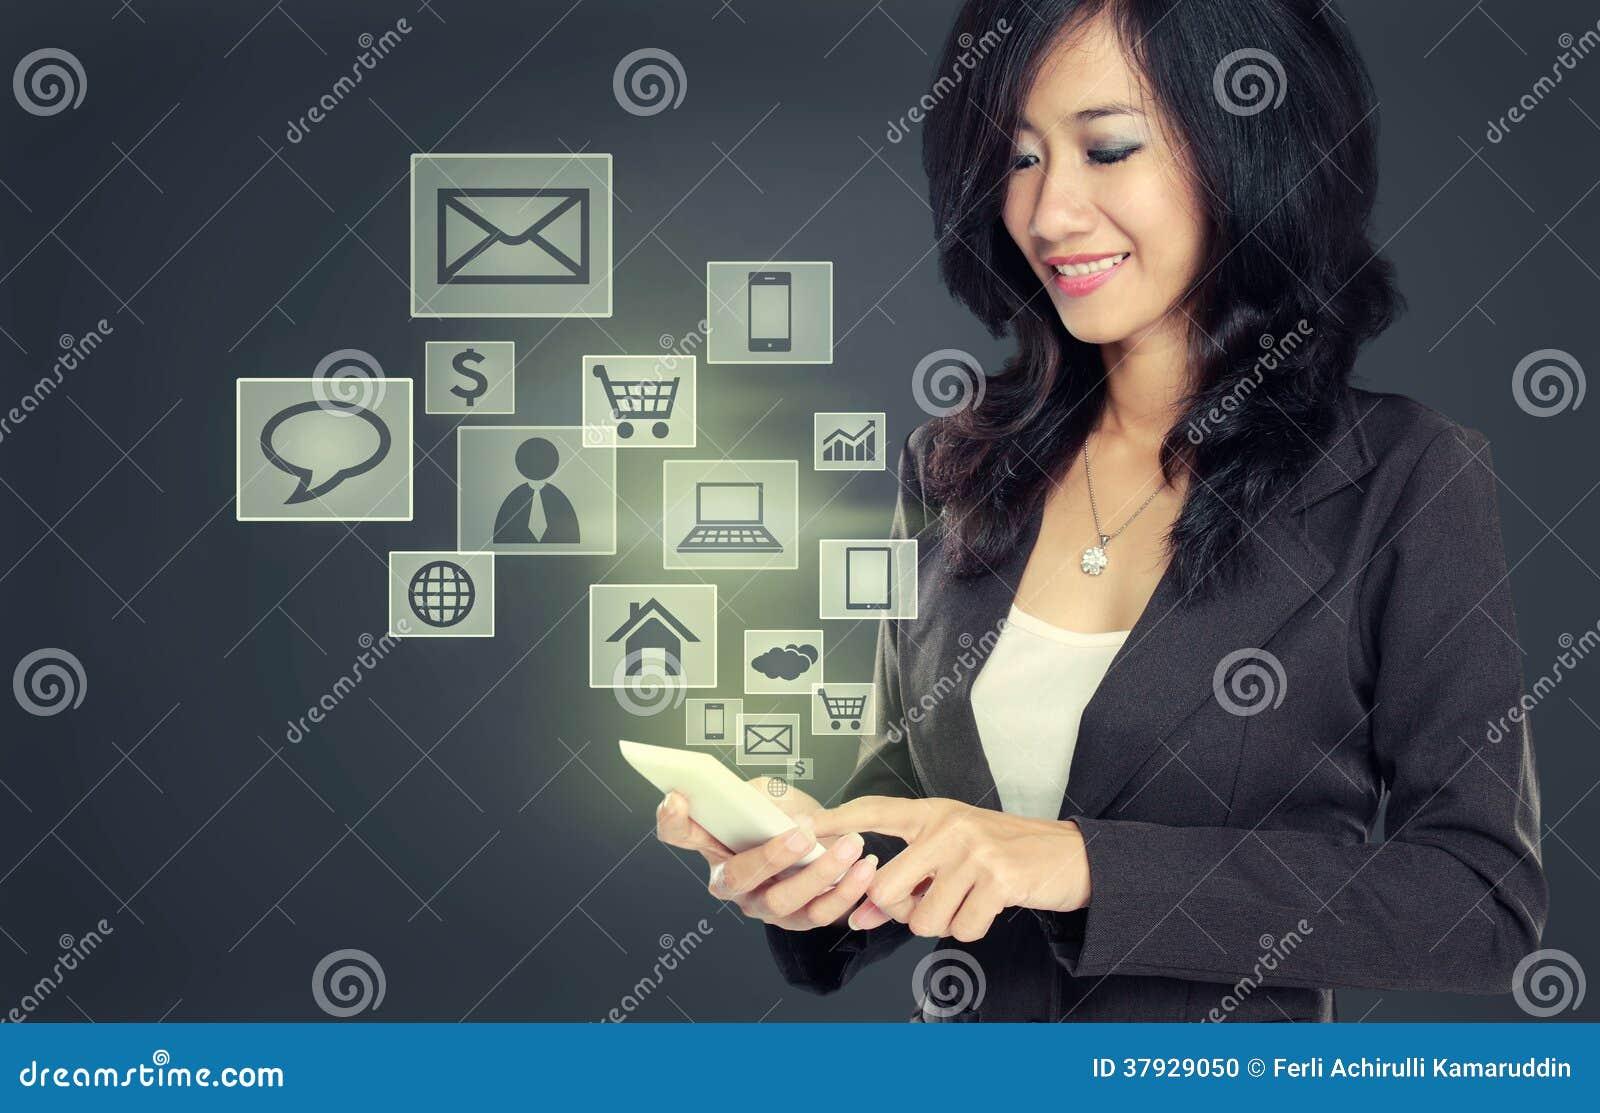 Современный мобильный телефон техники связи